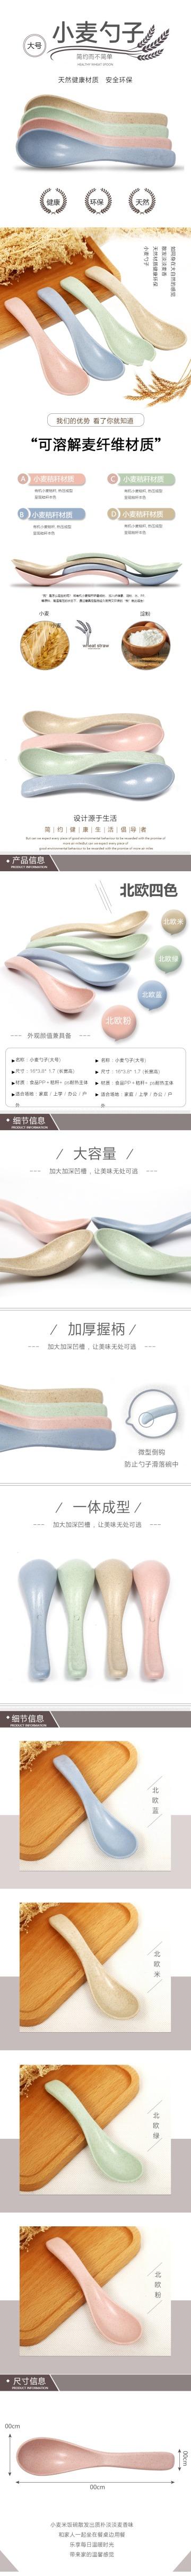 清新简约百货零售家居生活餐具勺子促销电商详情页